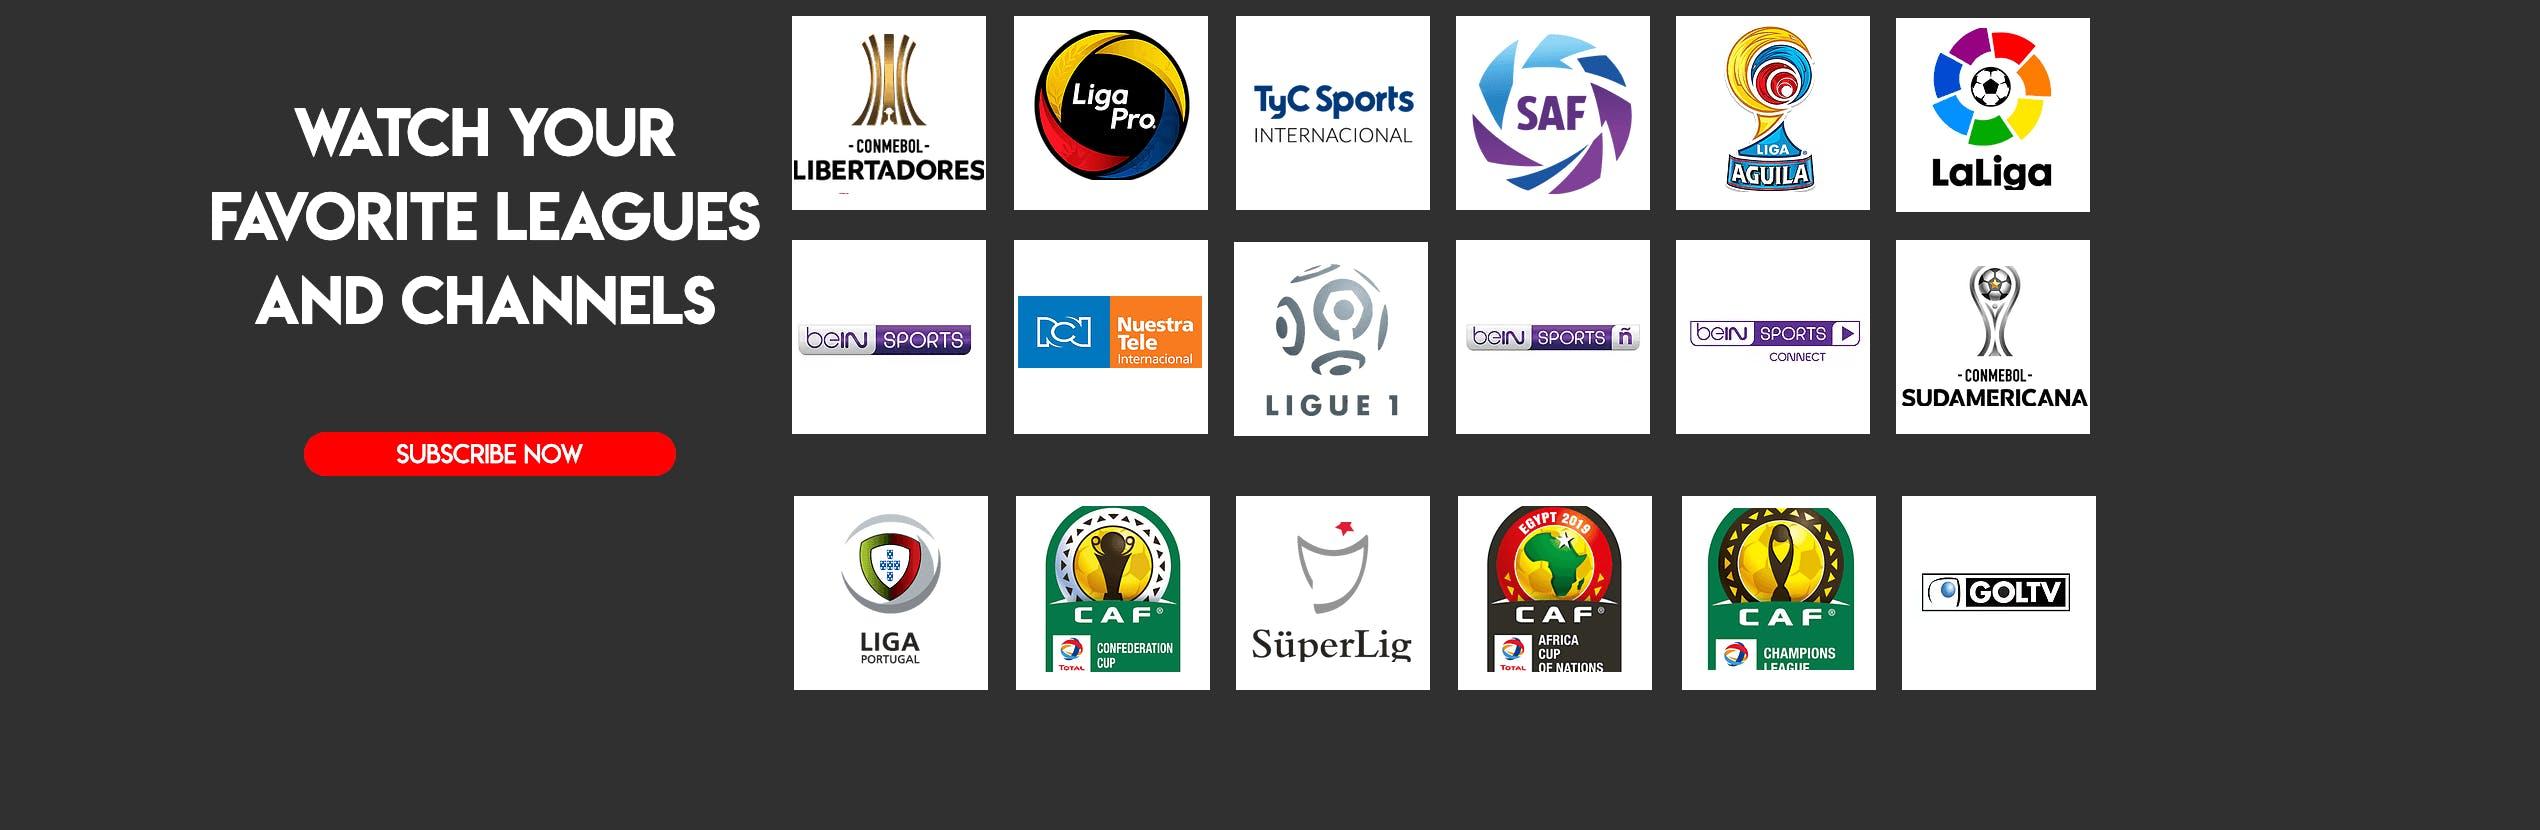 2019-20 la liga barcelona vs valencia soccer live stream fanatiz